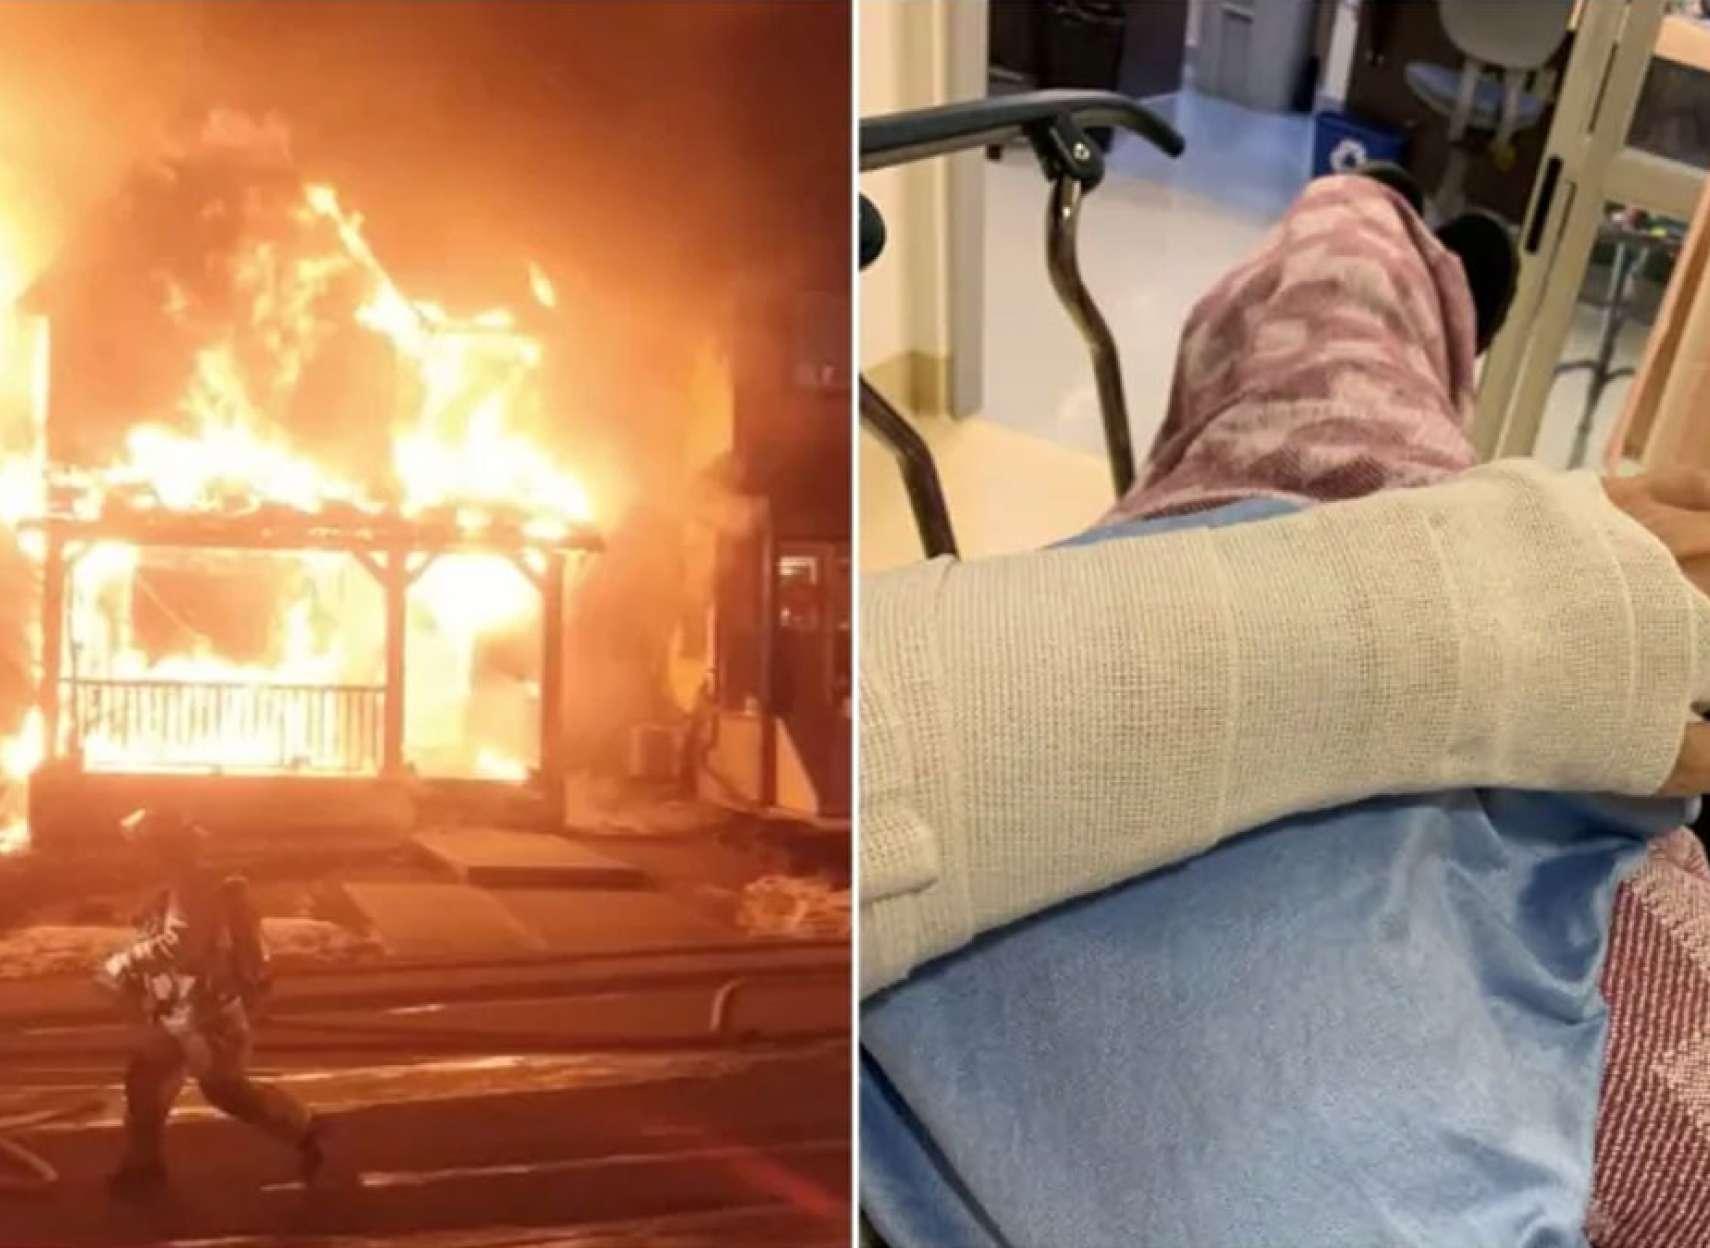 اخبار-کانادا-کمتر-از-۴۸-ساعت-پس-از-بردن-دادگاه-طلاق-در-تصاحب-خانه-کوکتل-مولوتوف-خانه-را-سوزاند